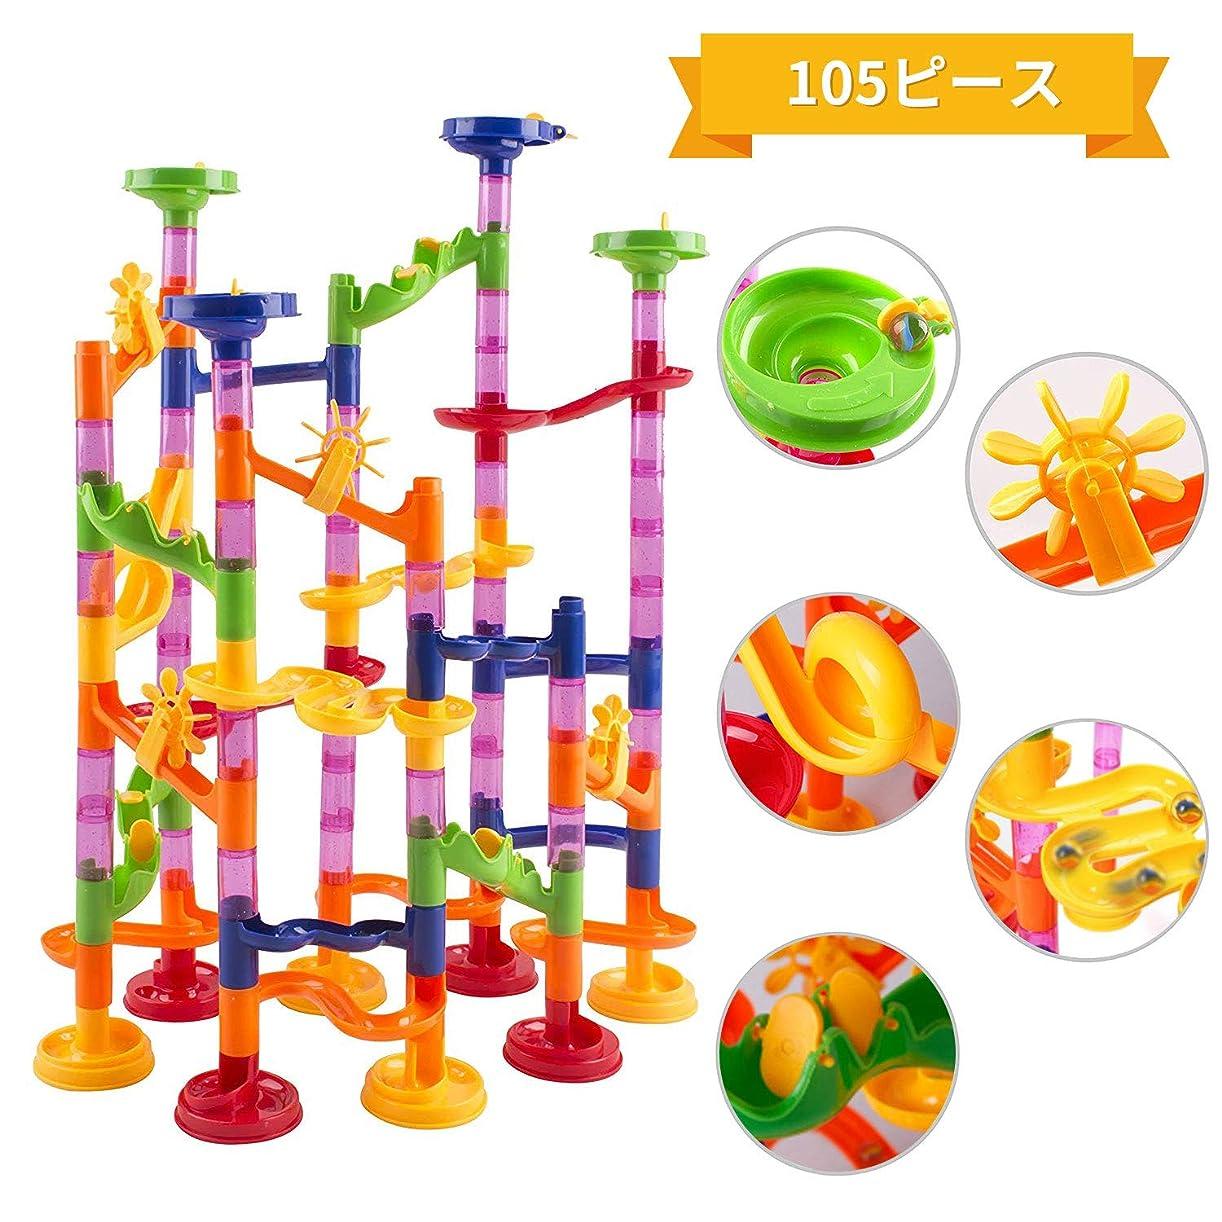 にもかかわらずホームレス灰baobë ビーズコースター ルーピング おもちゃ アクティビティキューブ 子ども 知育玩具 木製 マルチプレイセット プレイセンターシリーズ 知育ボックス キッズおもちゃ 赤ちゃんの木の玩具 非常に素晴らしいギフト …